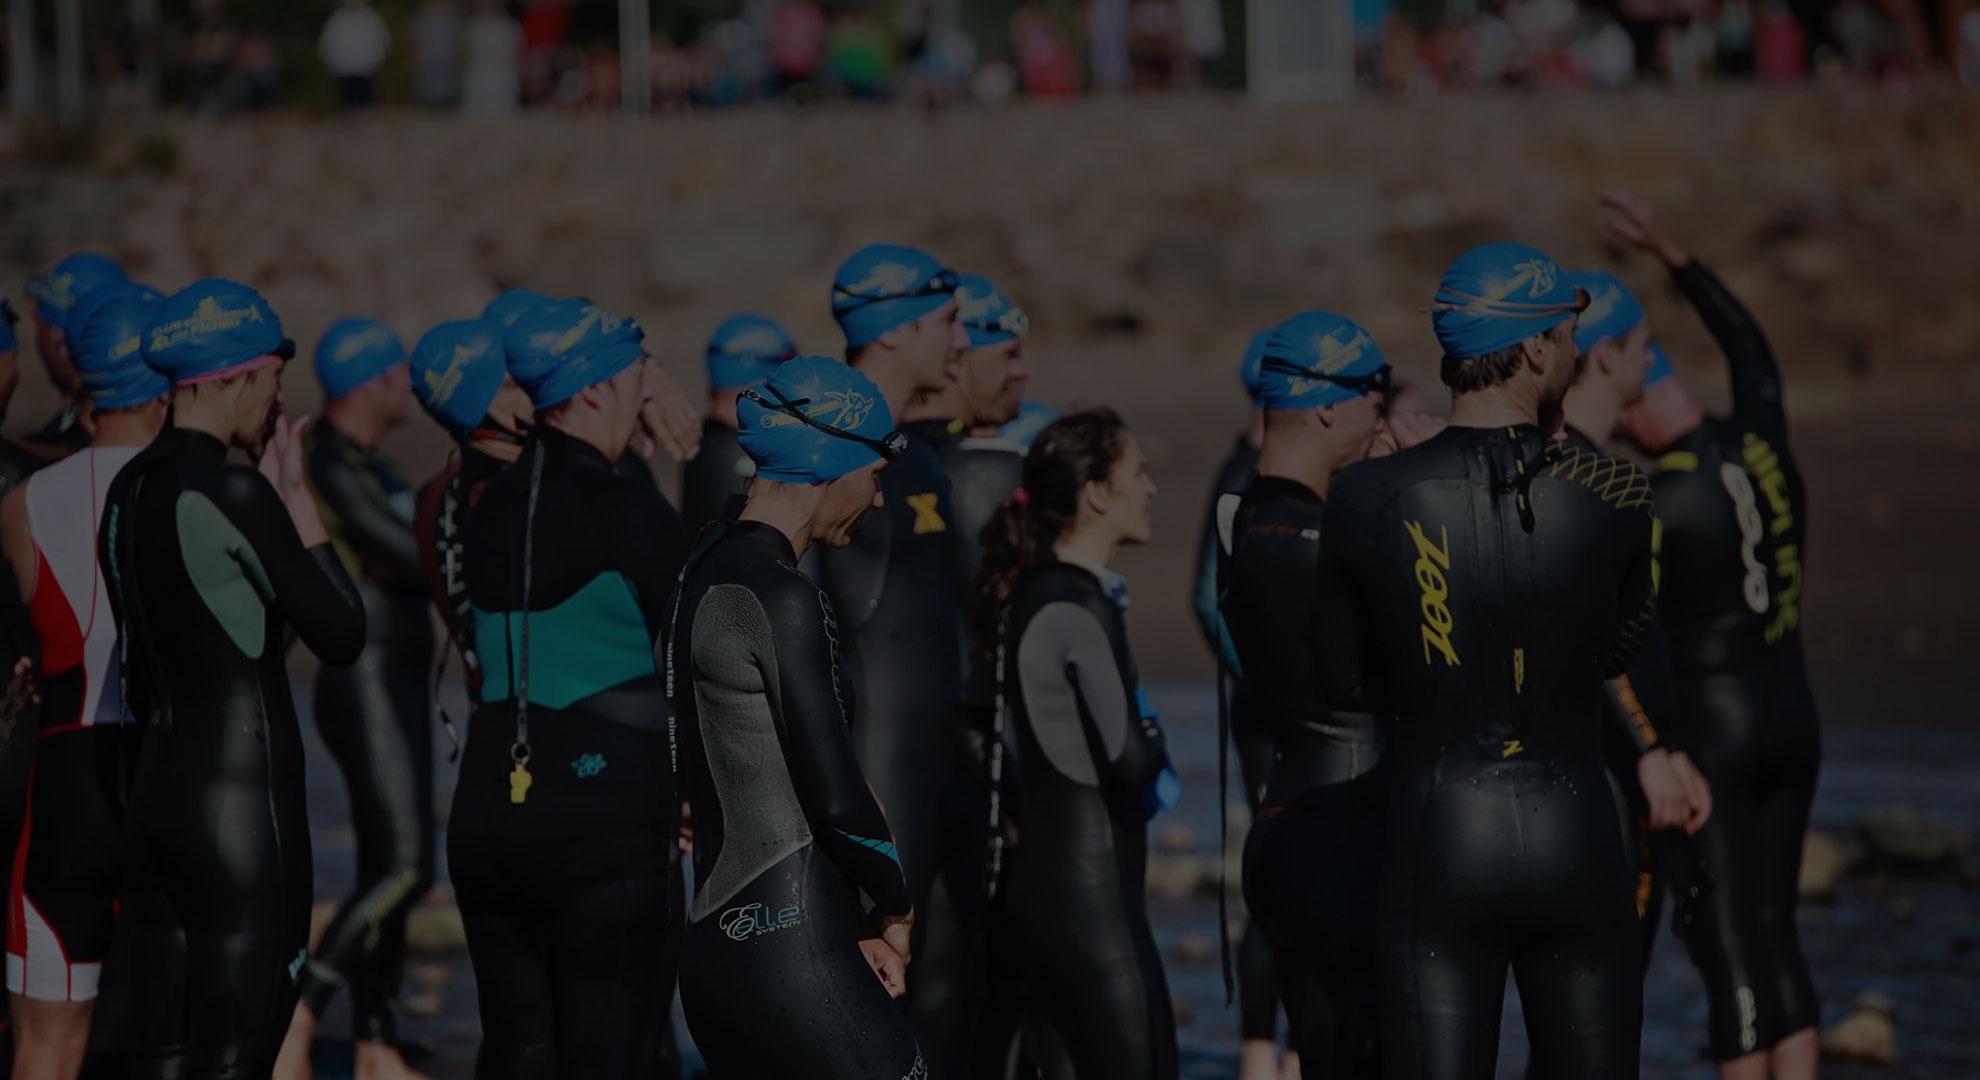 Image en-tete triathlon du saguenay